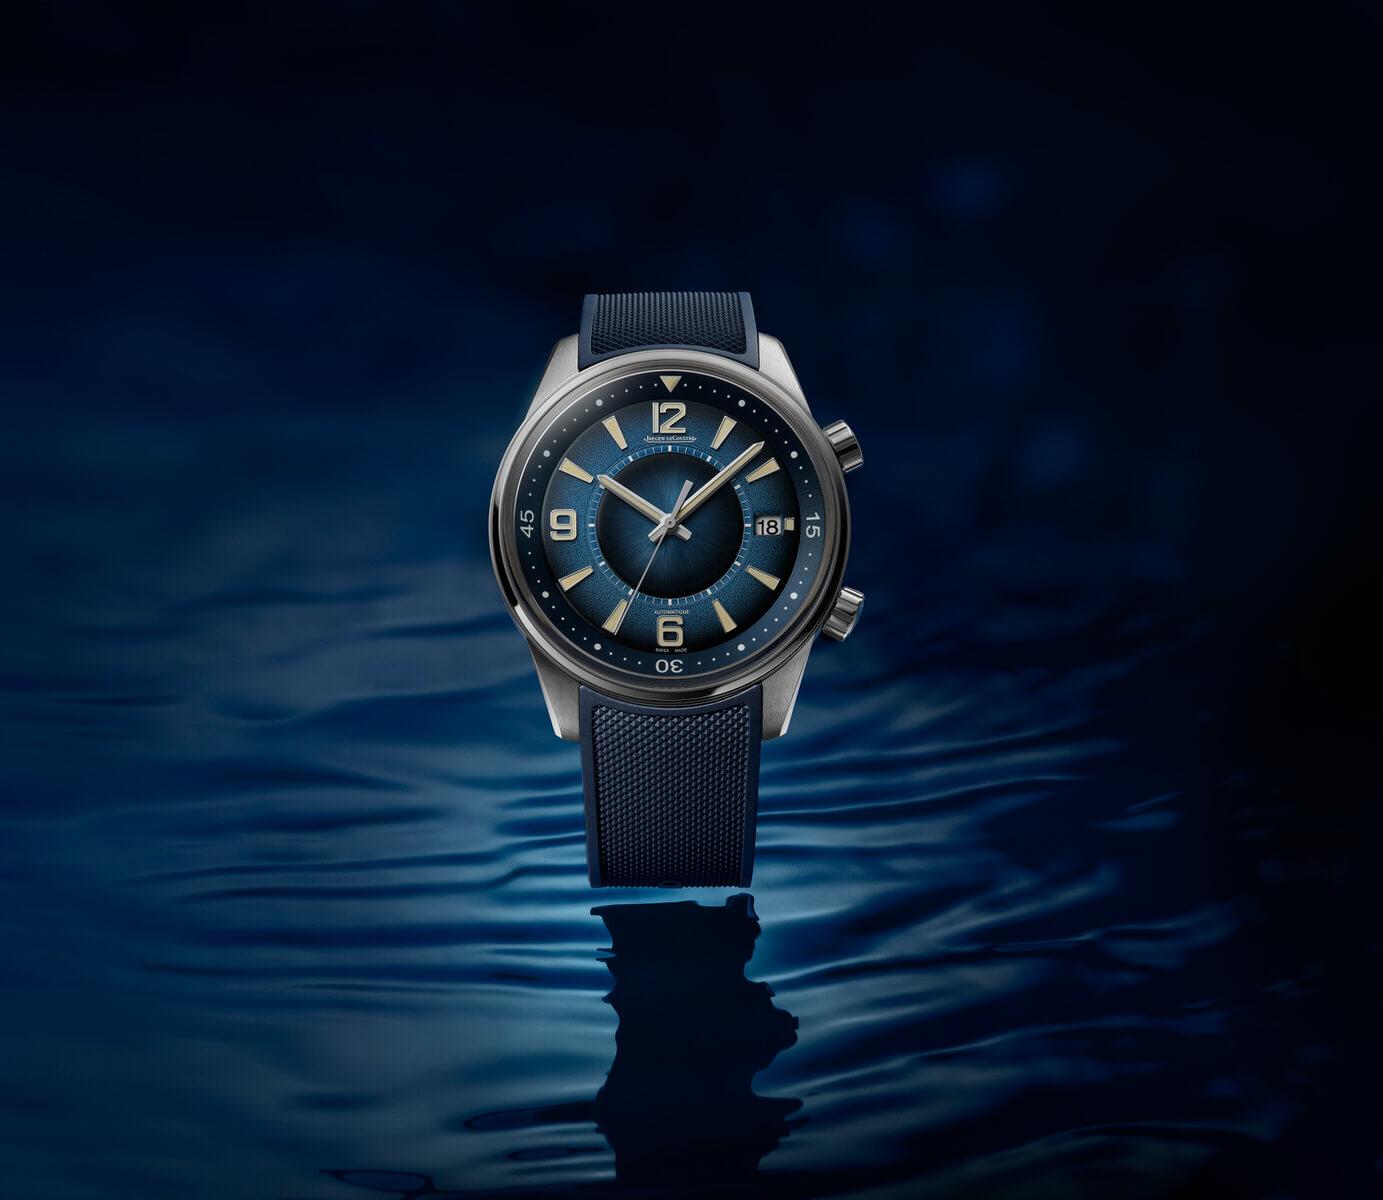 Polaris Date Edición Limitada jaeger-lecoultre debajo del reloj portada